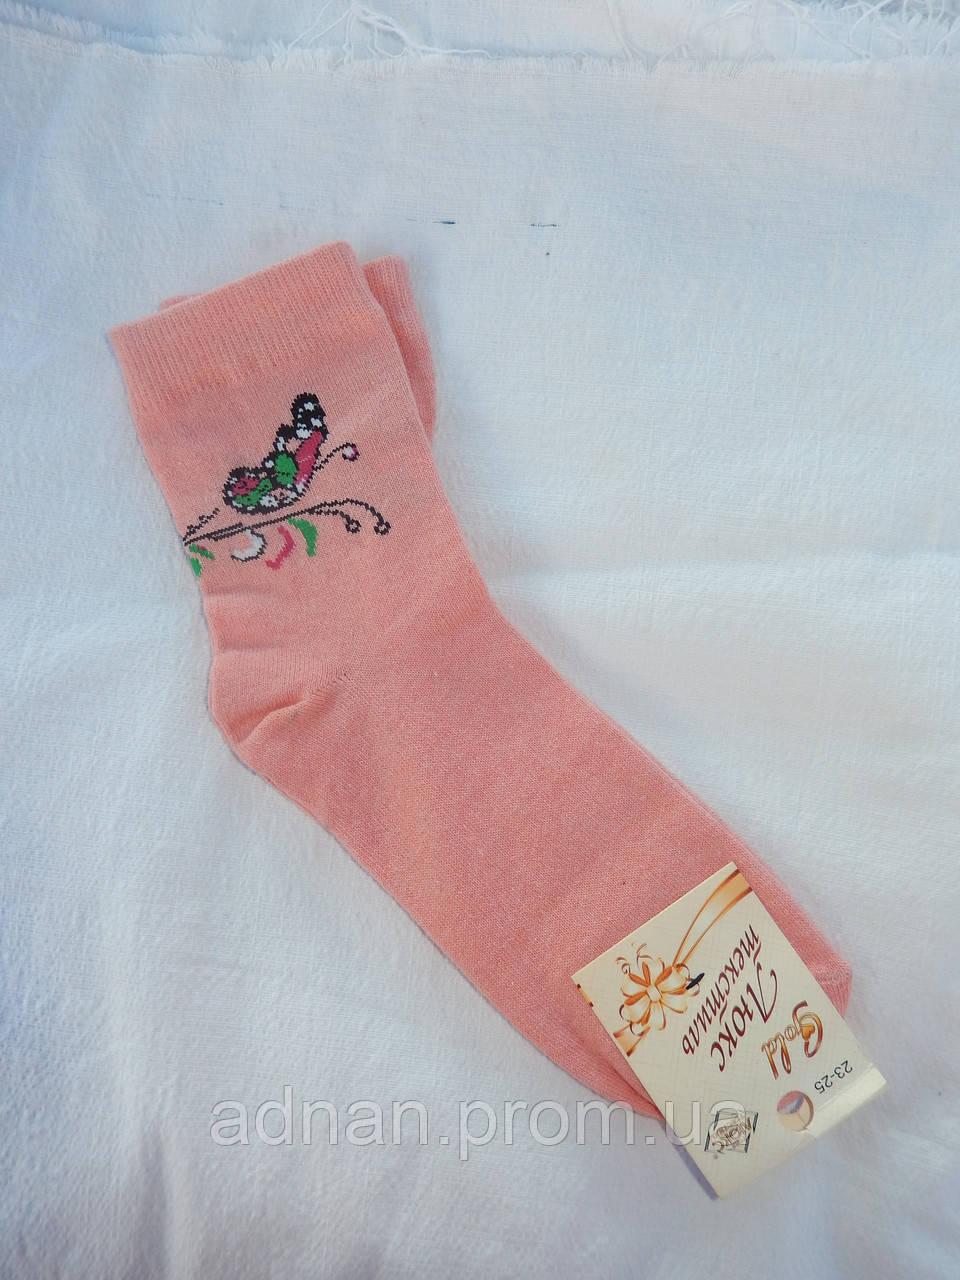 Носки женски, размер 36-41 DI NJ-0035-001 / купить женские носки оптом оптом